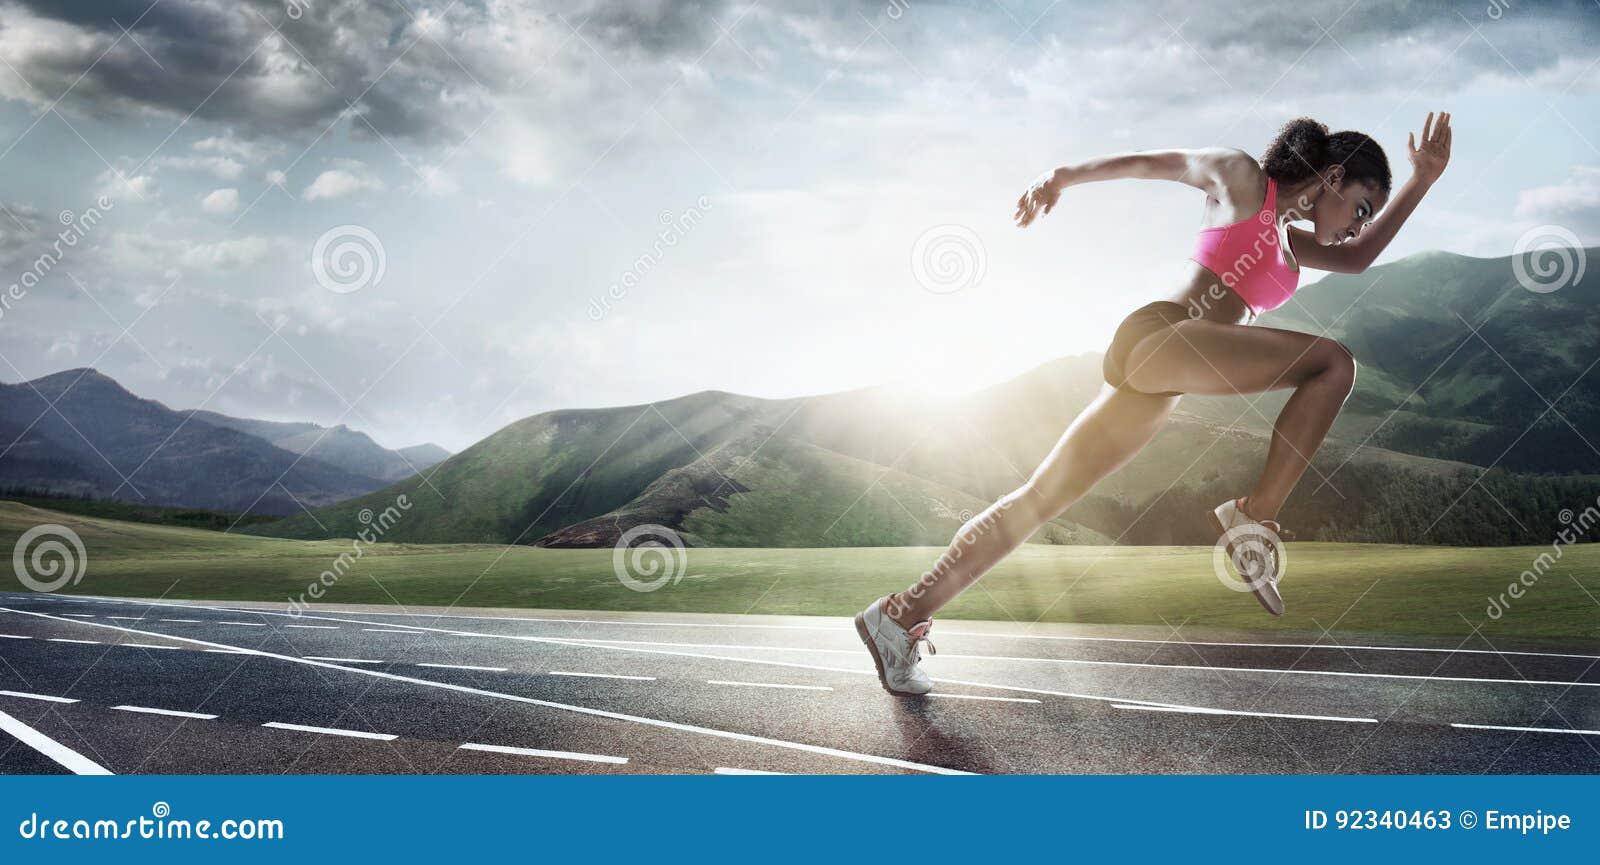 Fundos do esporte corredor